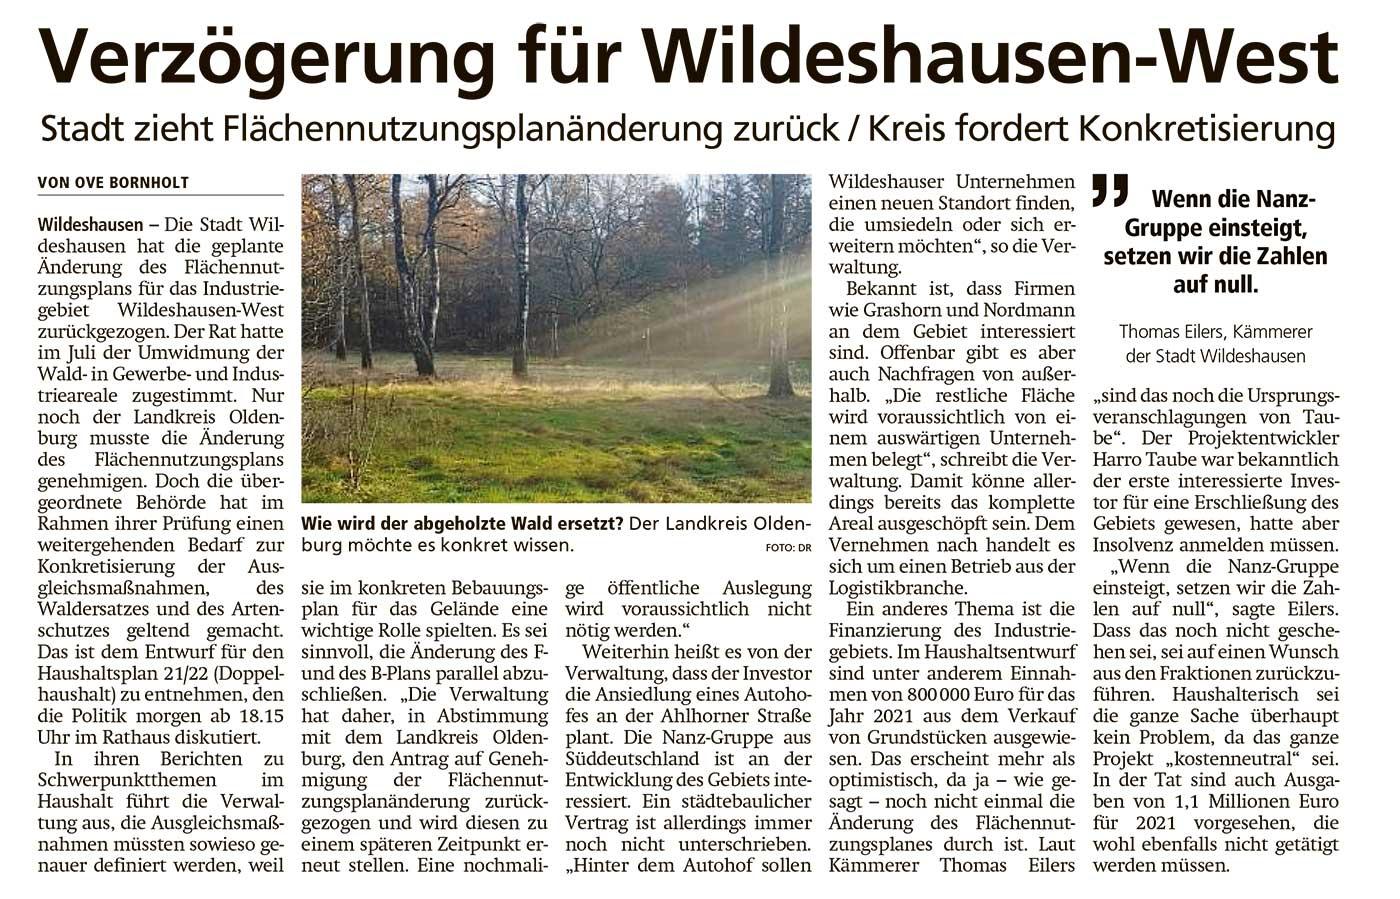 Verzögerung für Wildeshausen-WestStadt zieht Flächennutzungsplanänderung zurück / Kreis fordert KonkretisierungArtikel vom 25.11.2020 (WZ)